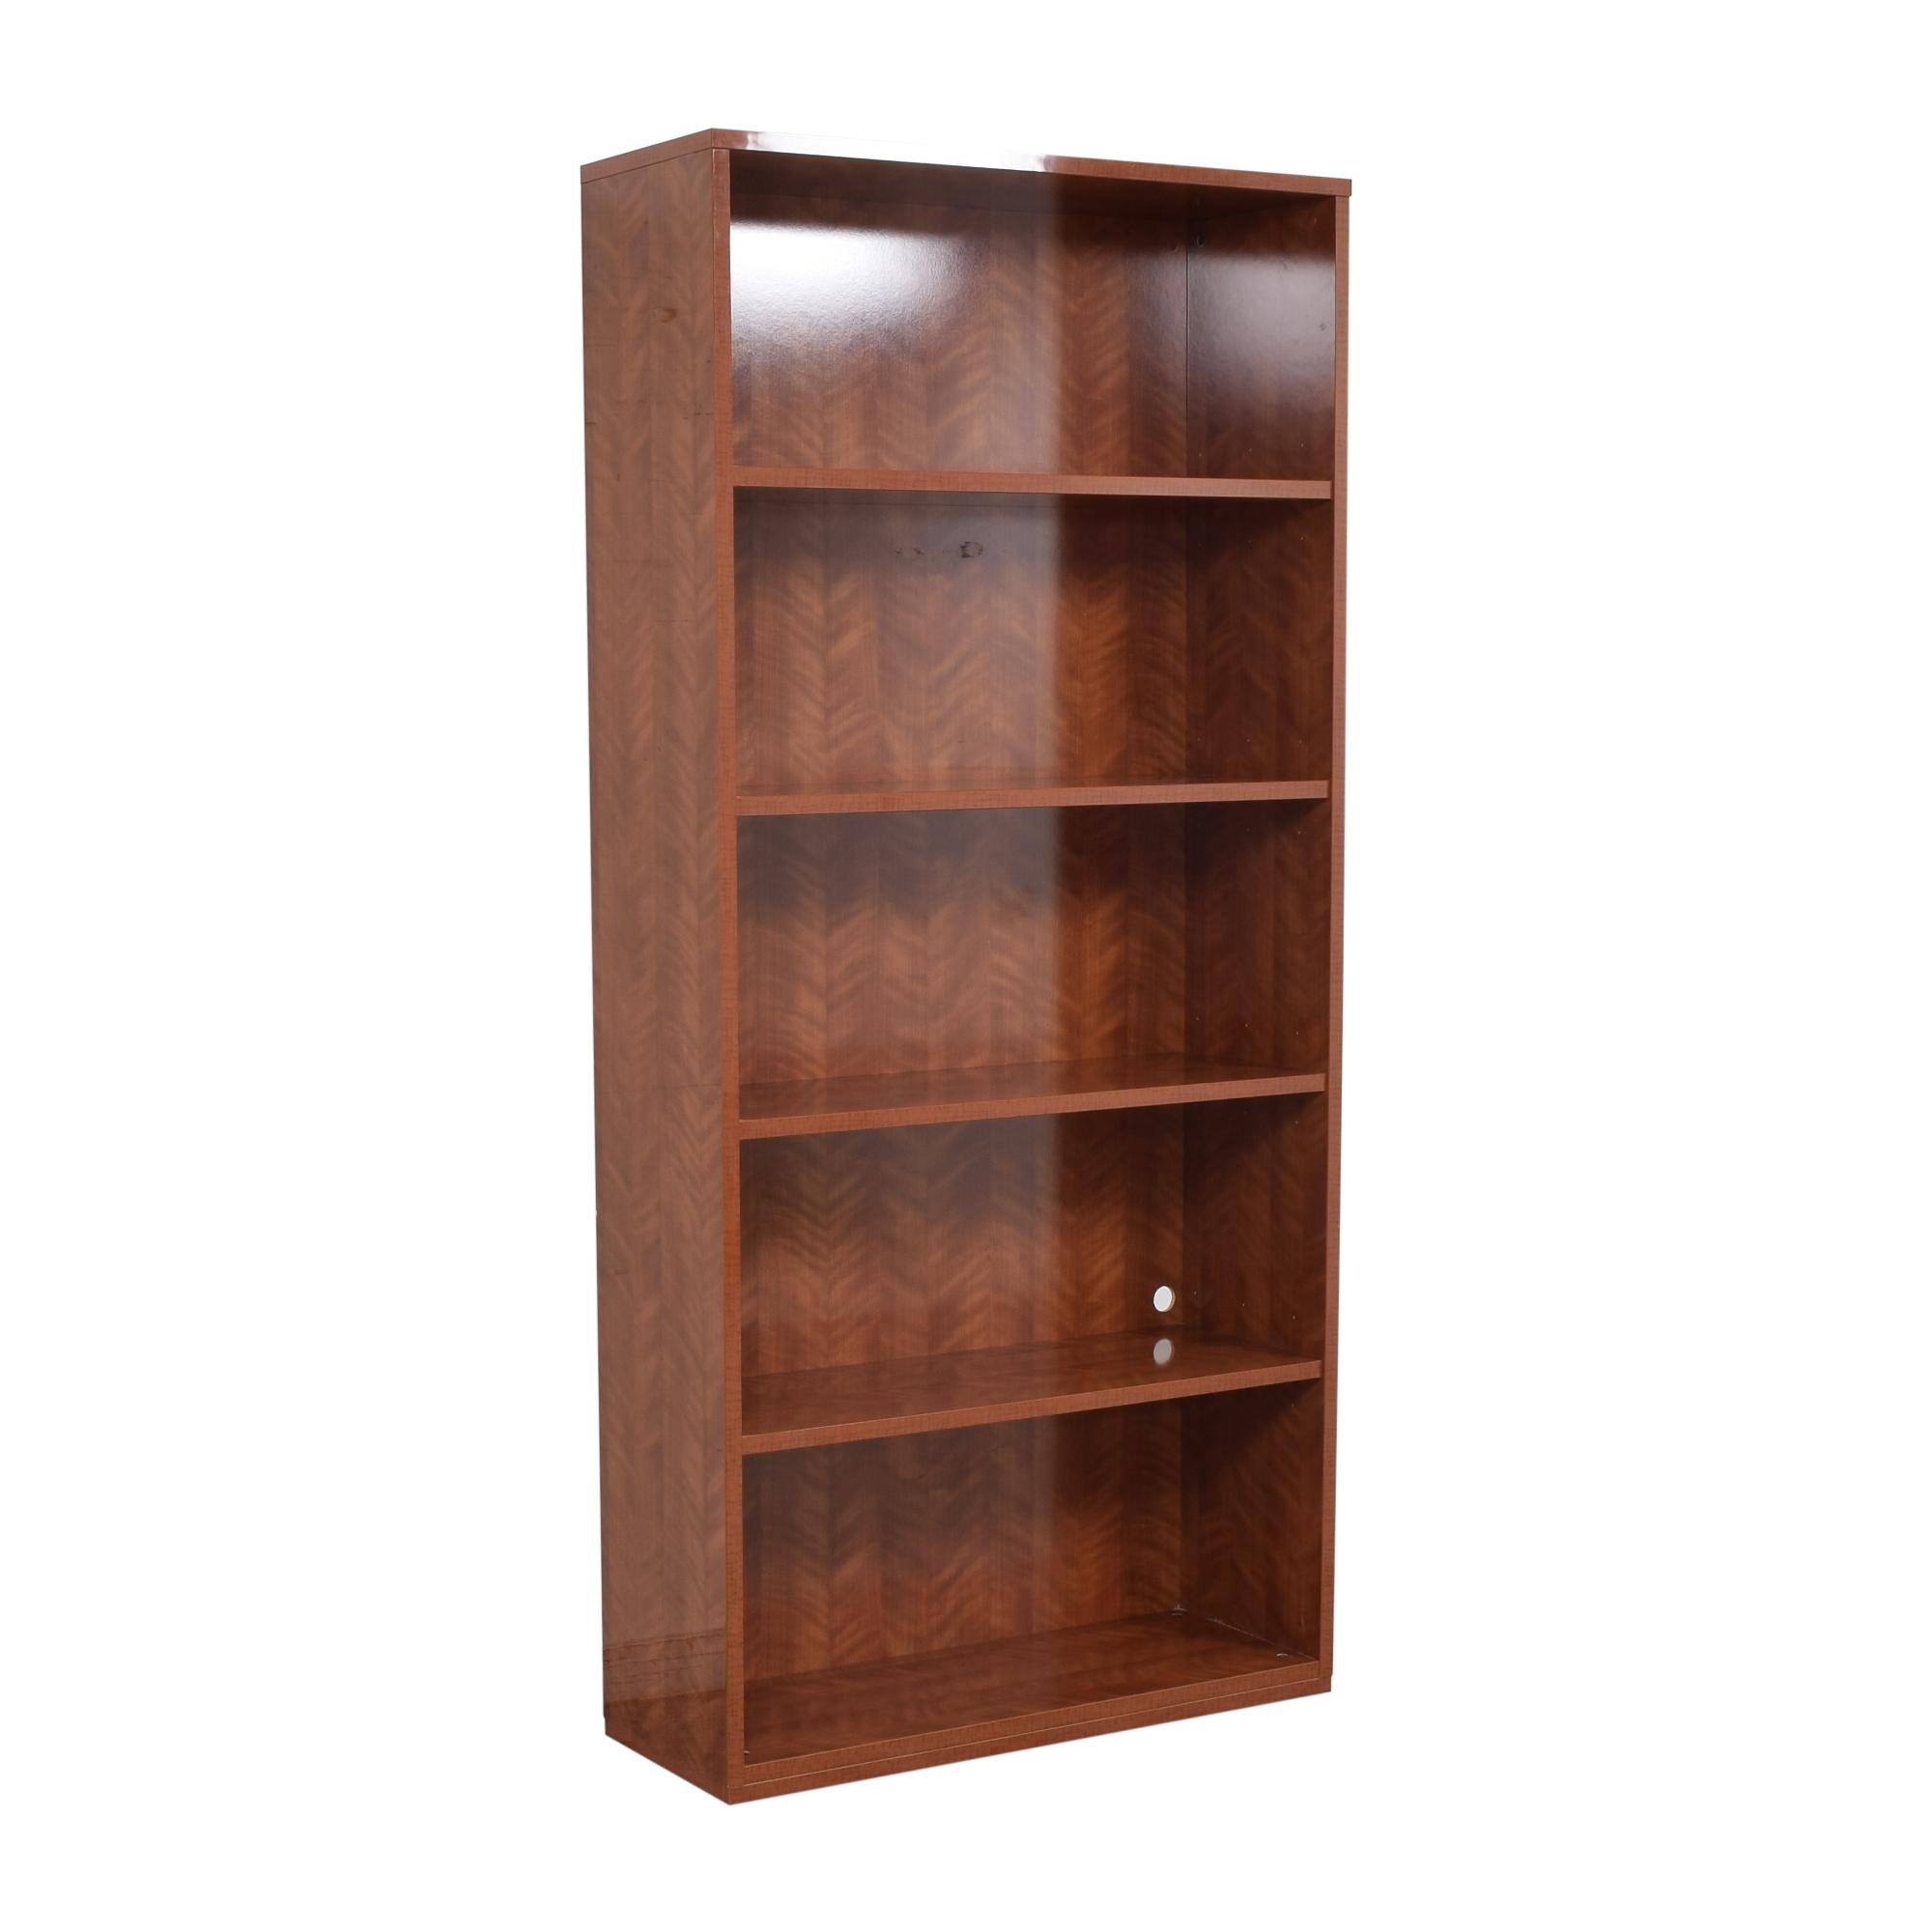 Alf Italia Alf Italia Tall Bookcase brown